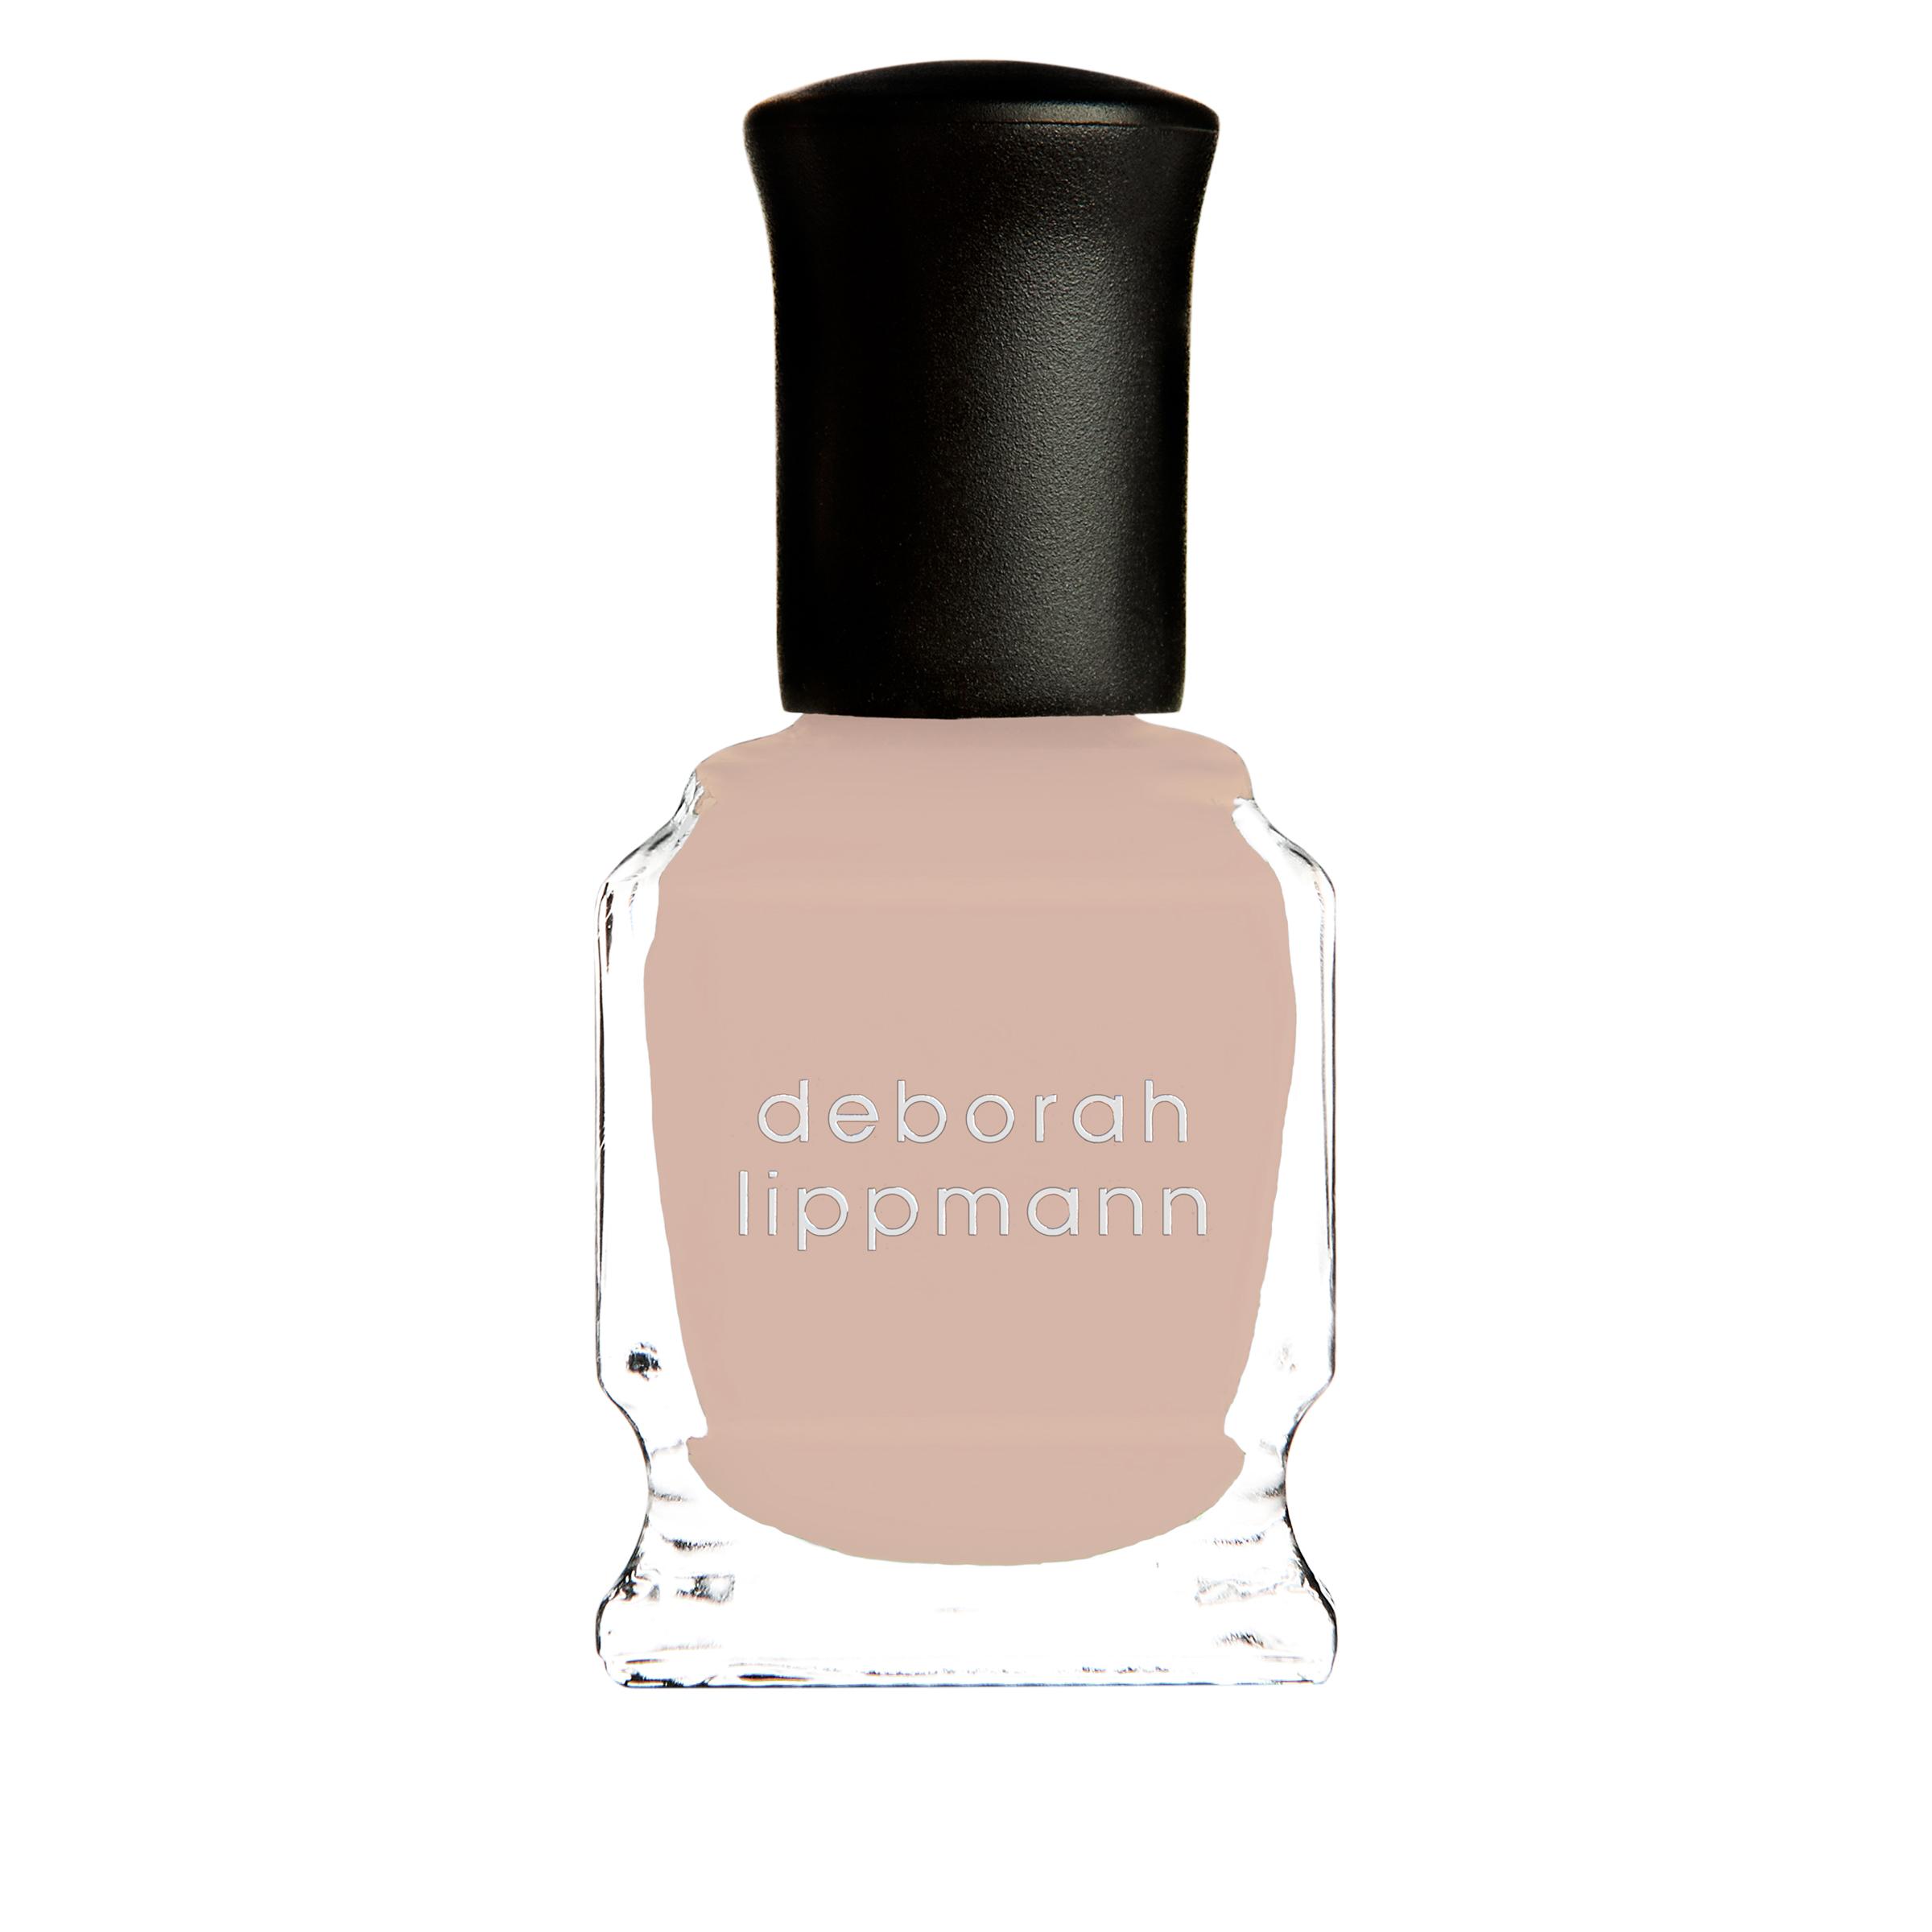 Deborah Lippmann Deb's 9-piece Seasonal Nail Lacquer Set